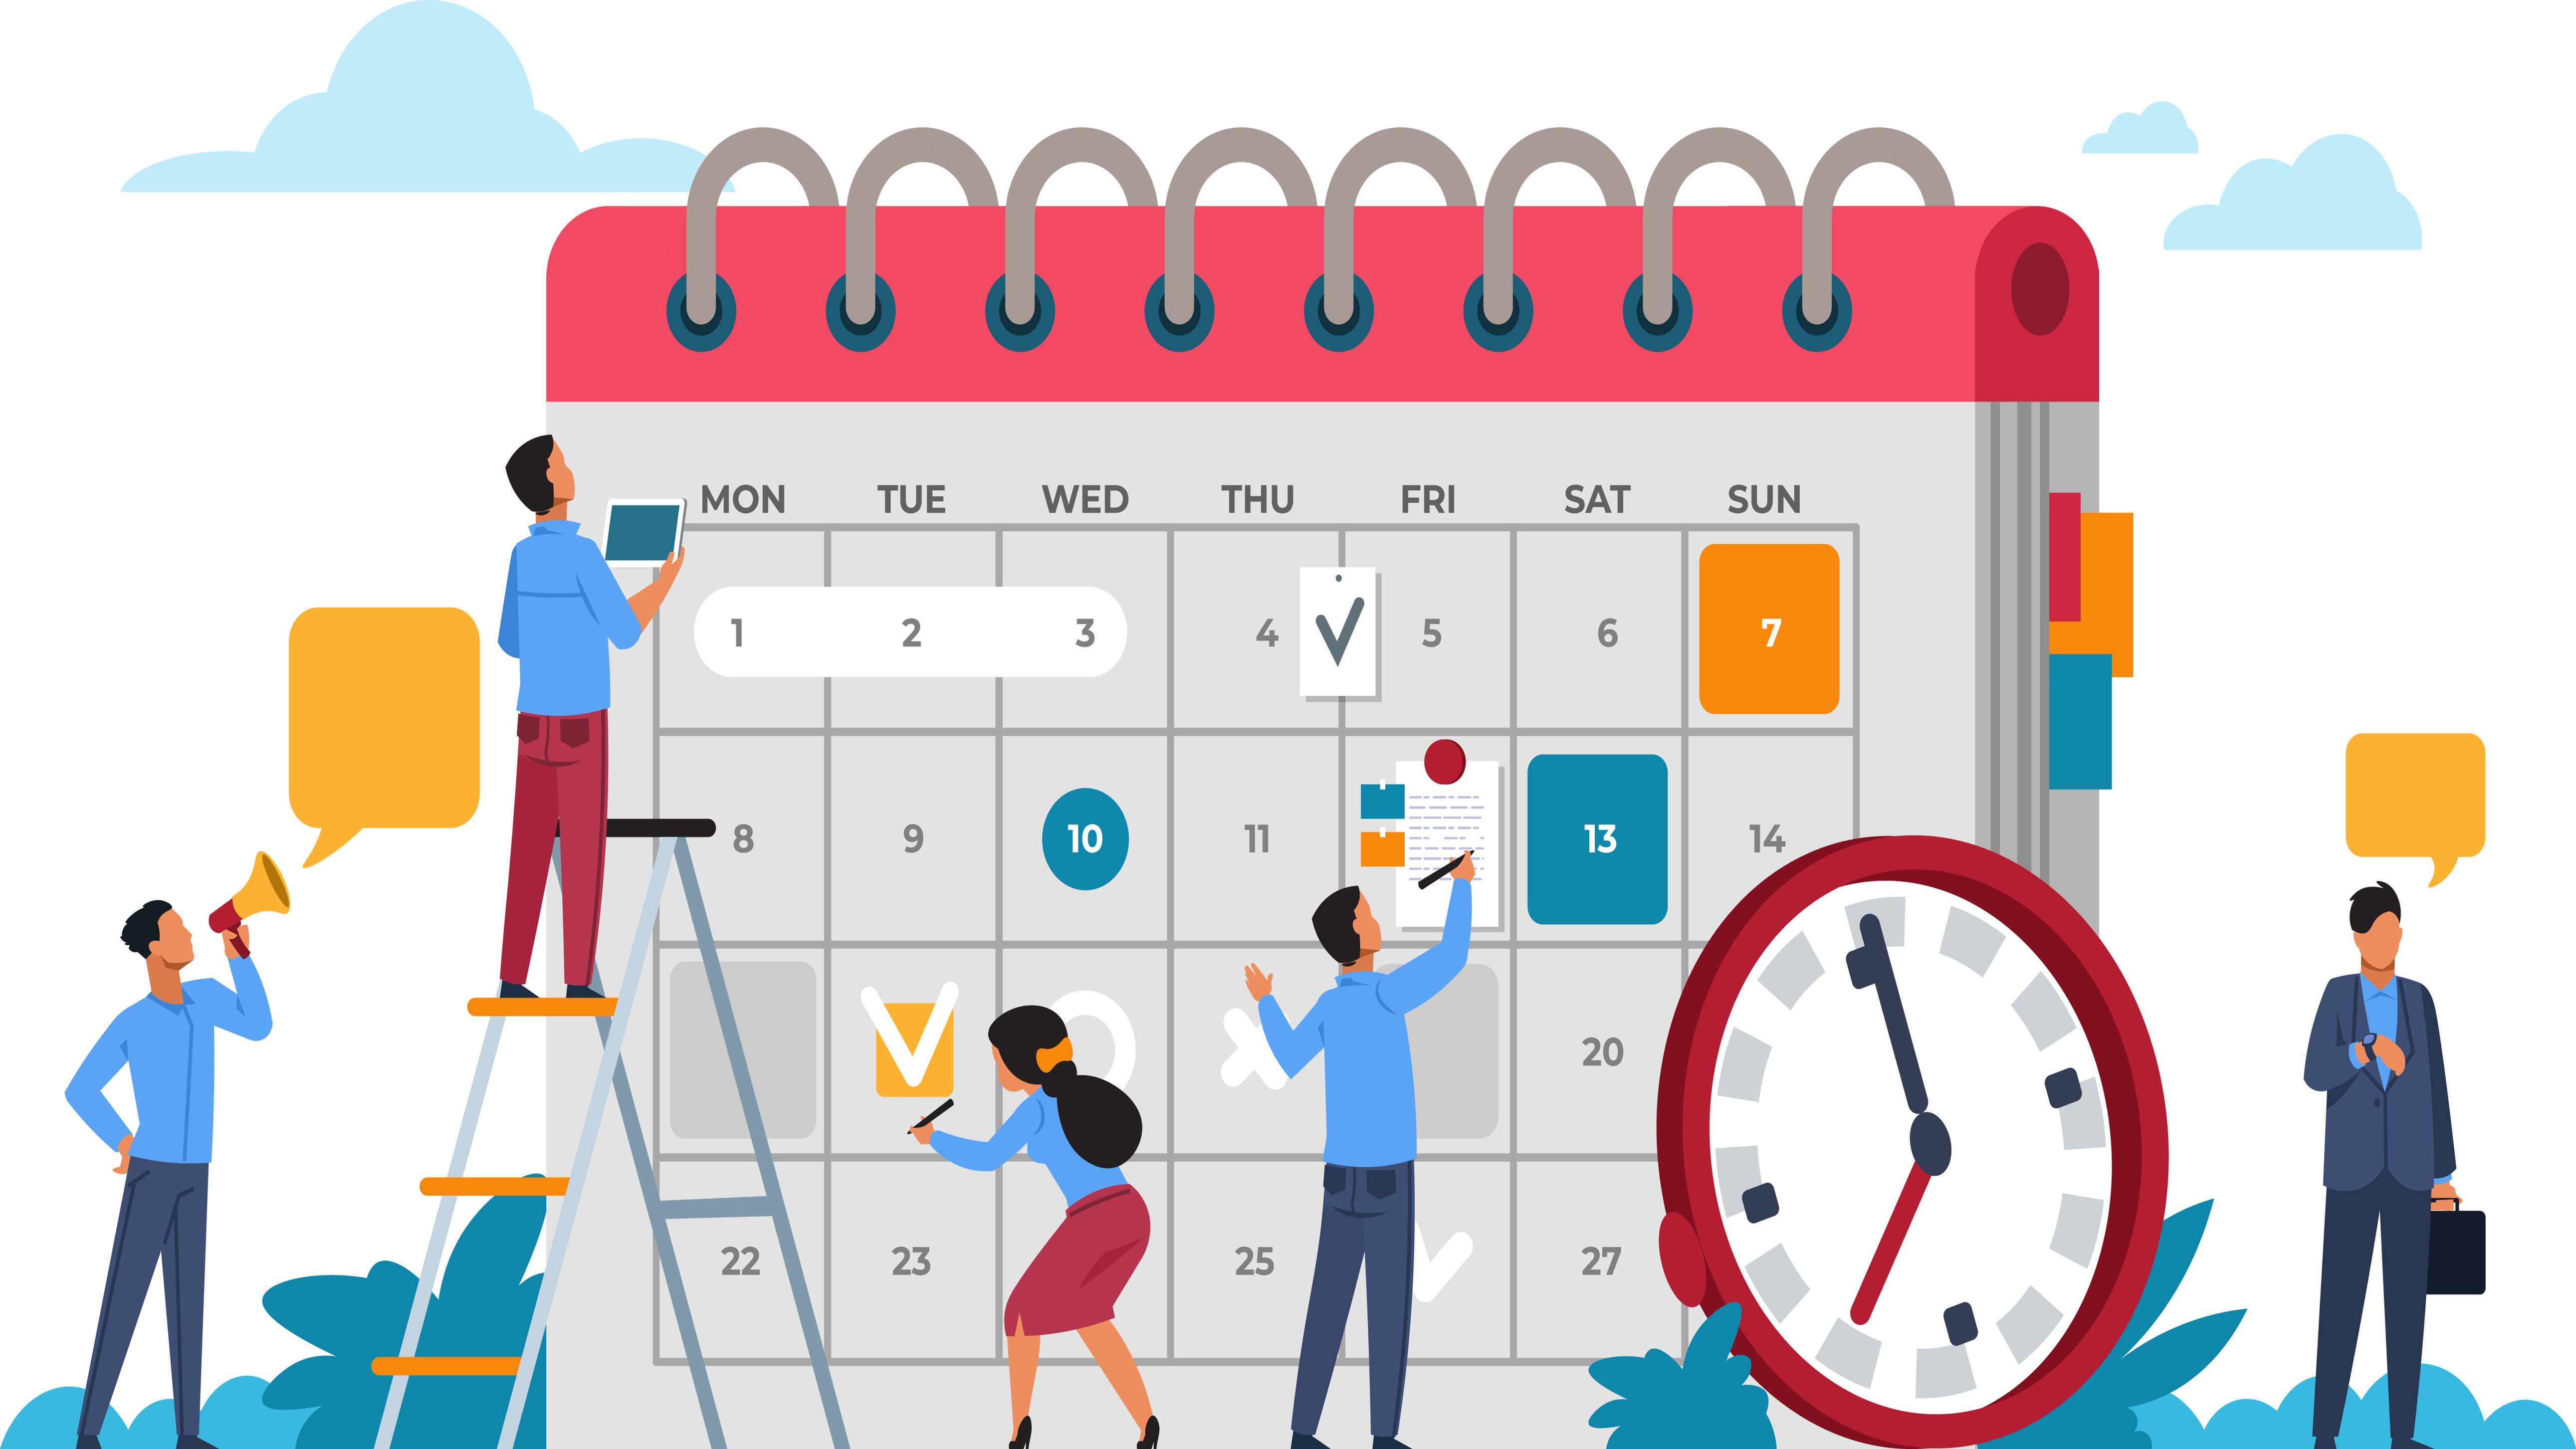 ¿Cómo organizar un evento con menos estrés?